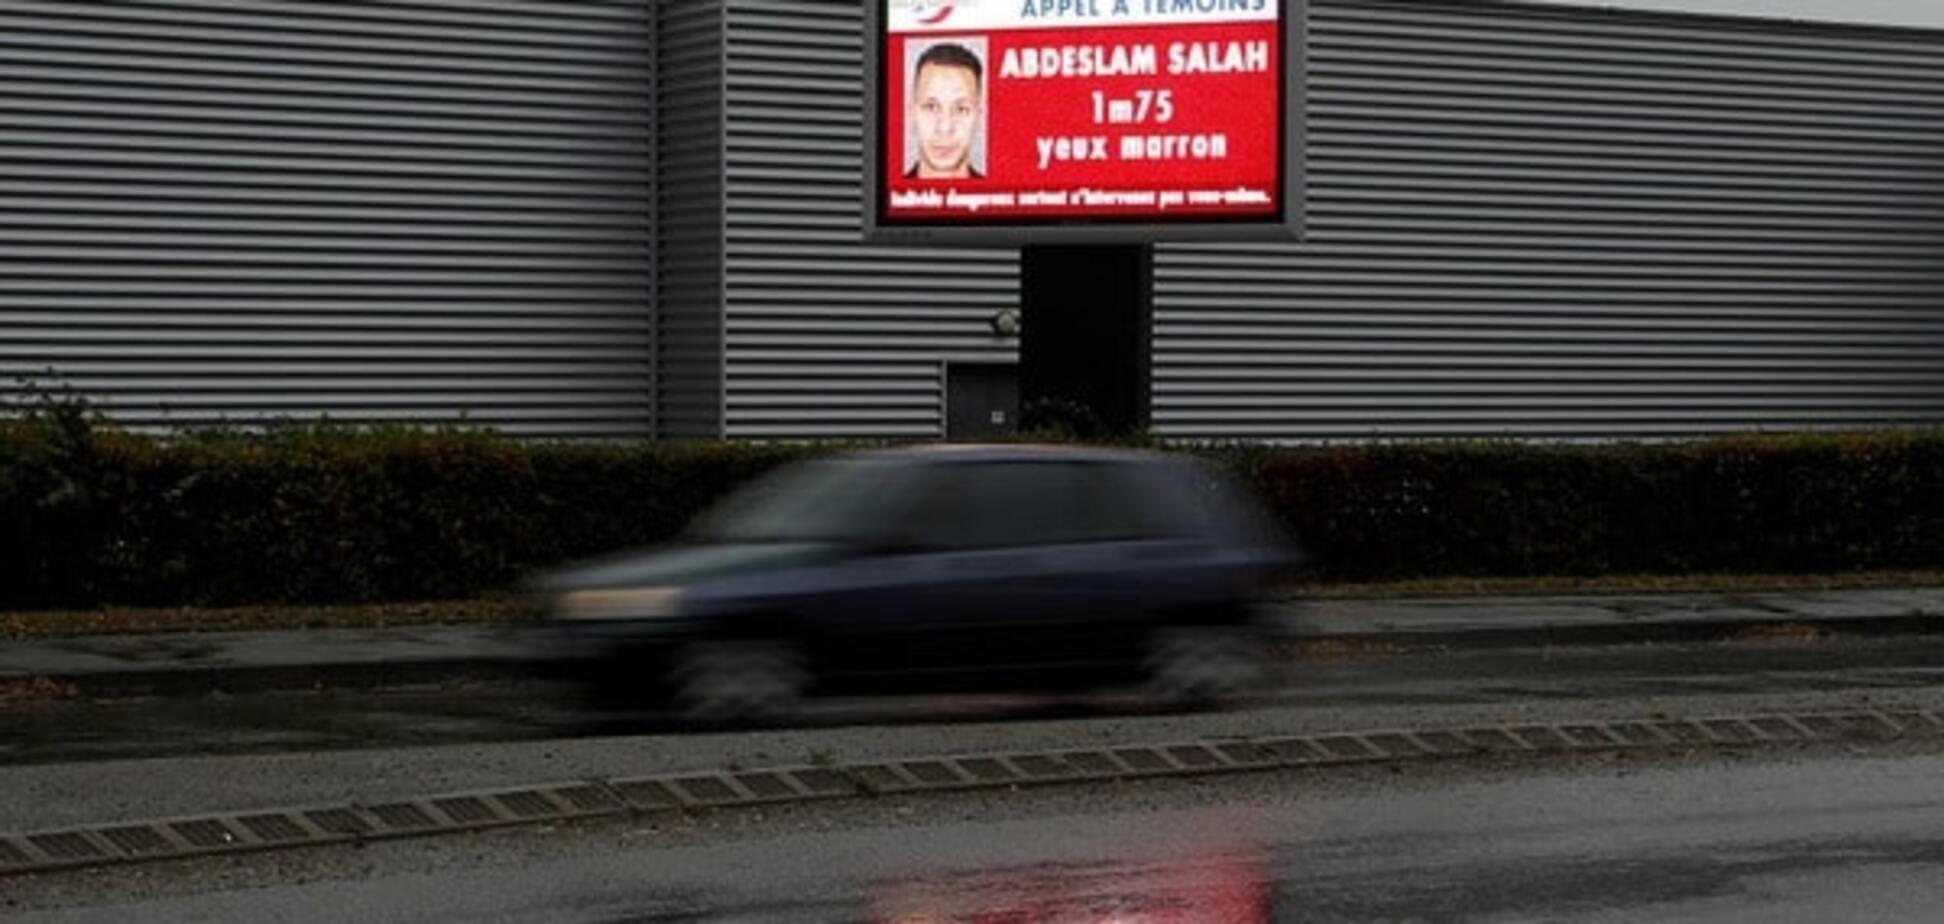 Салах Абдеслам